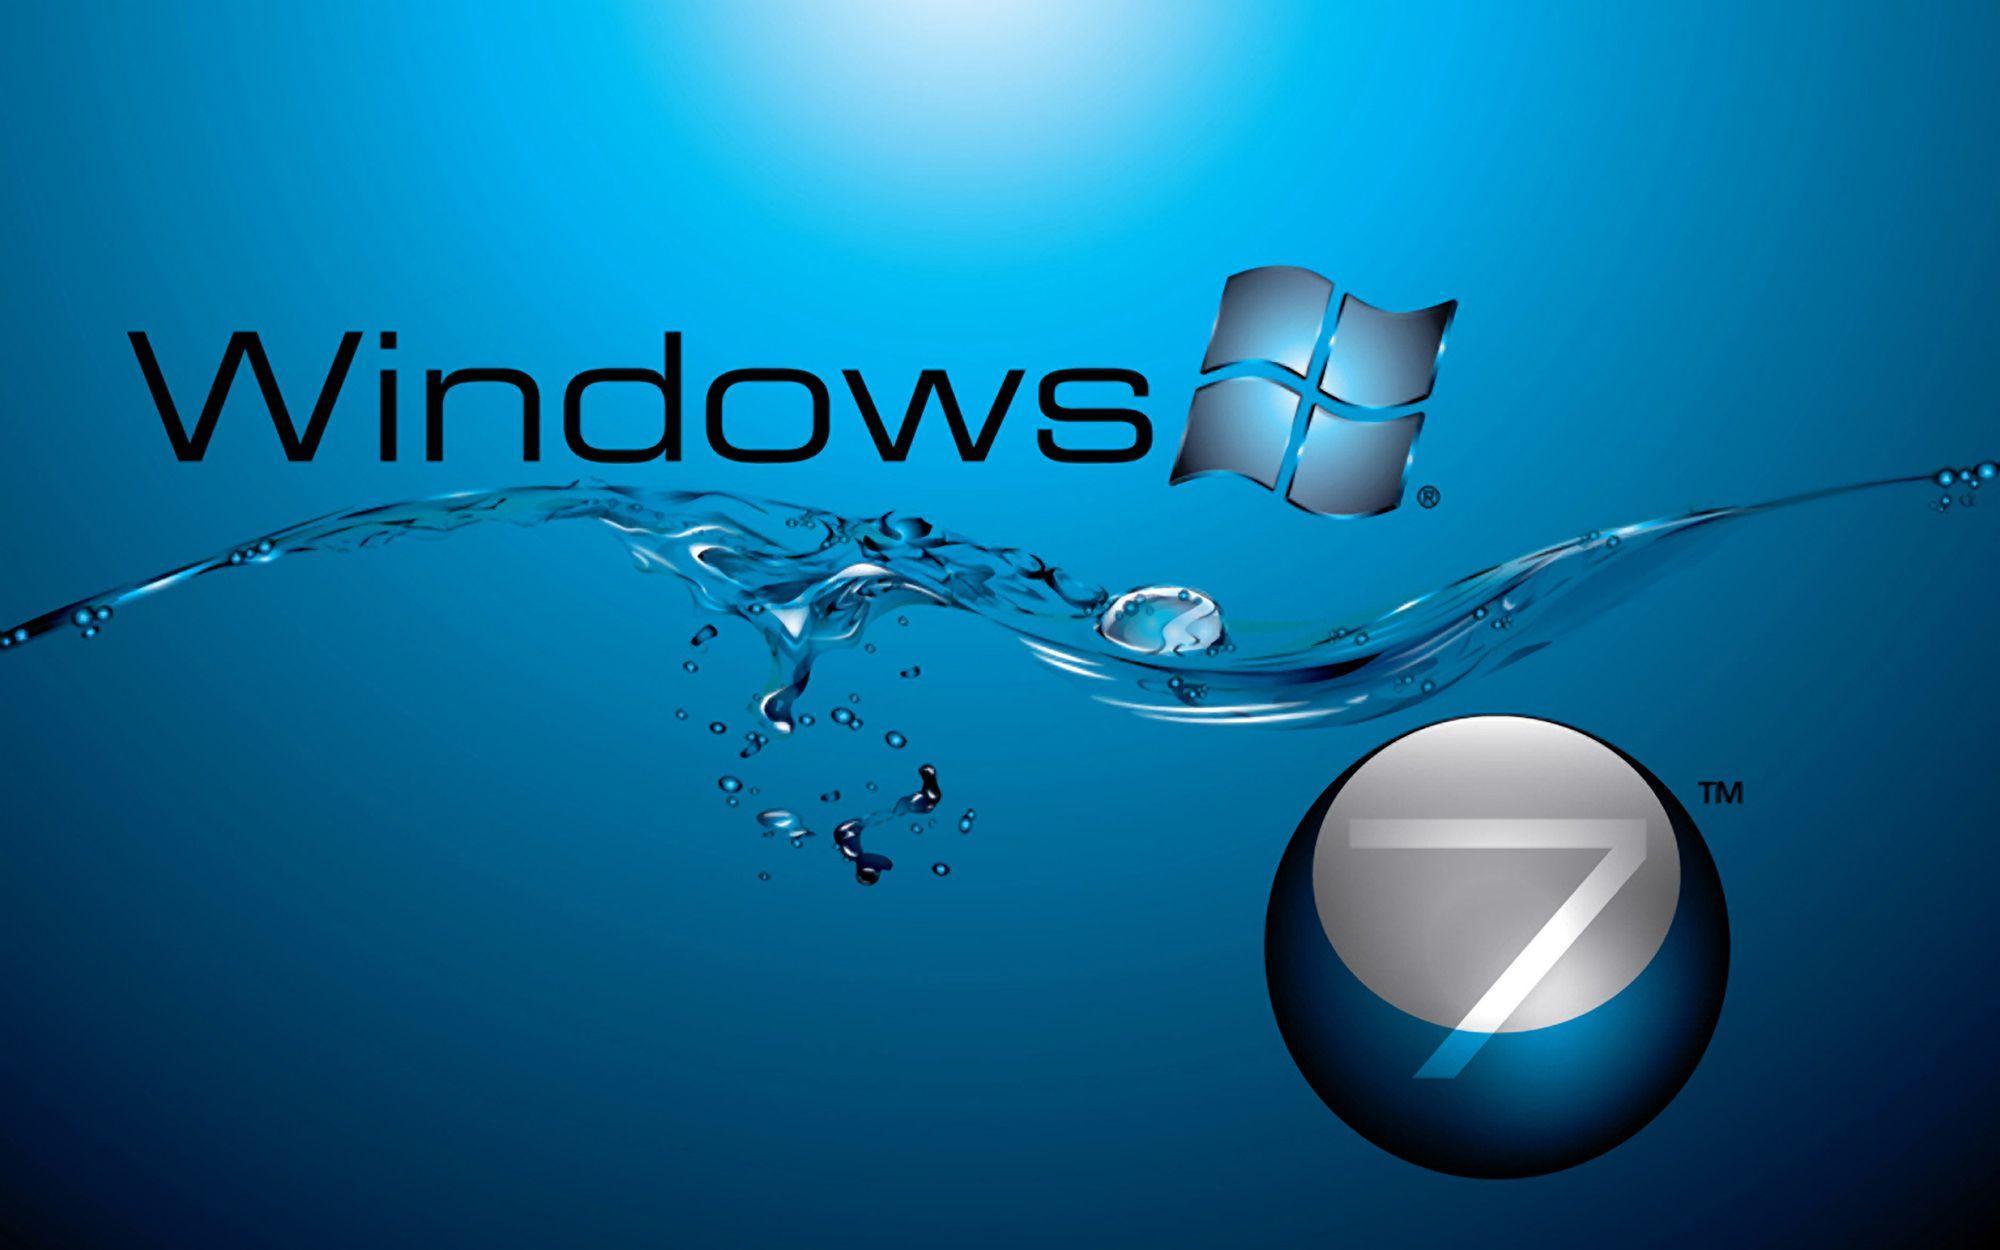 Big Fan Of Windows 7 Wallpapers - 1200x800 - 522928